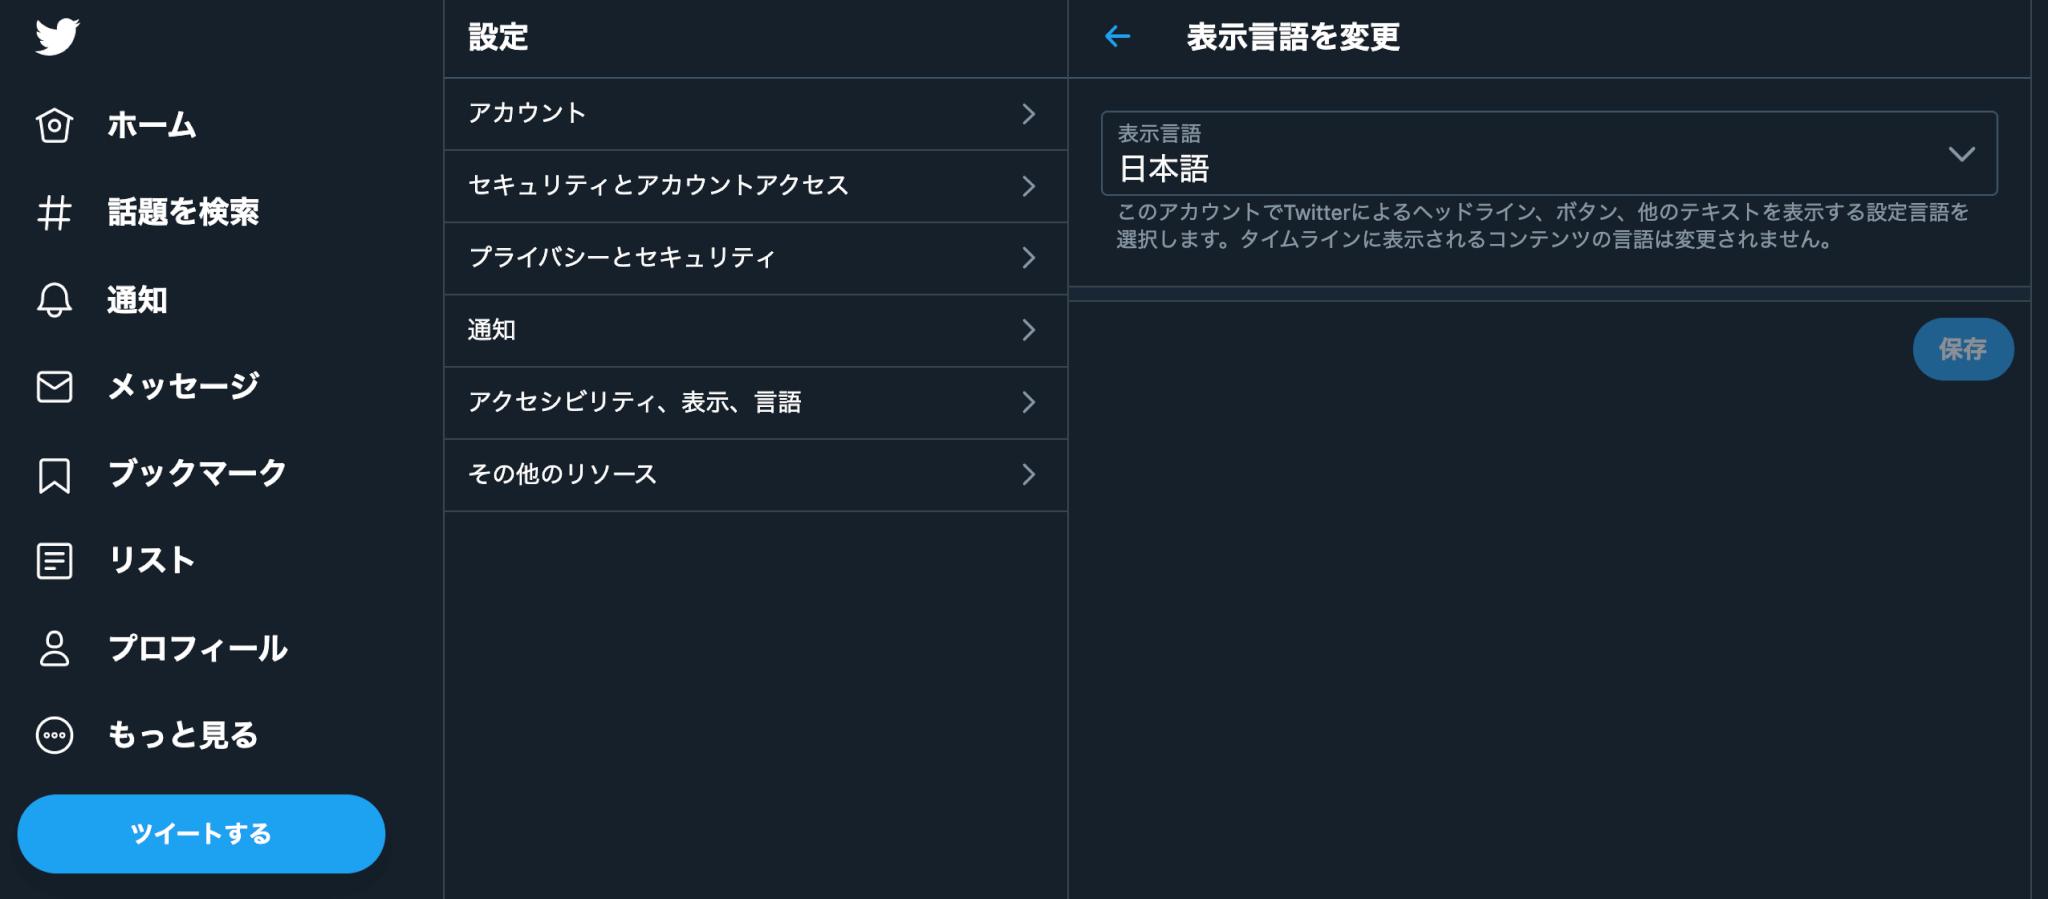 Twitter 日本語 ブラウザ その3